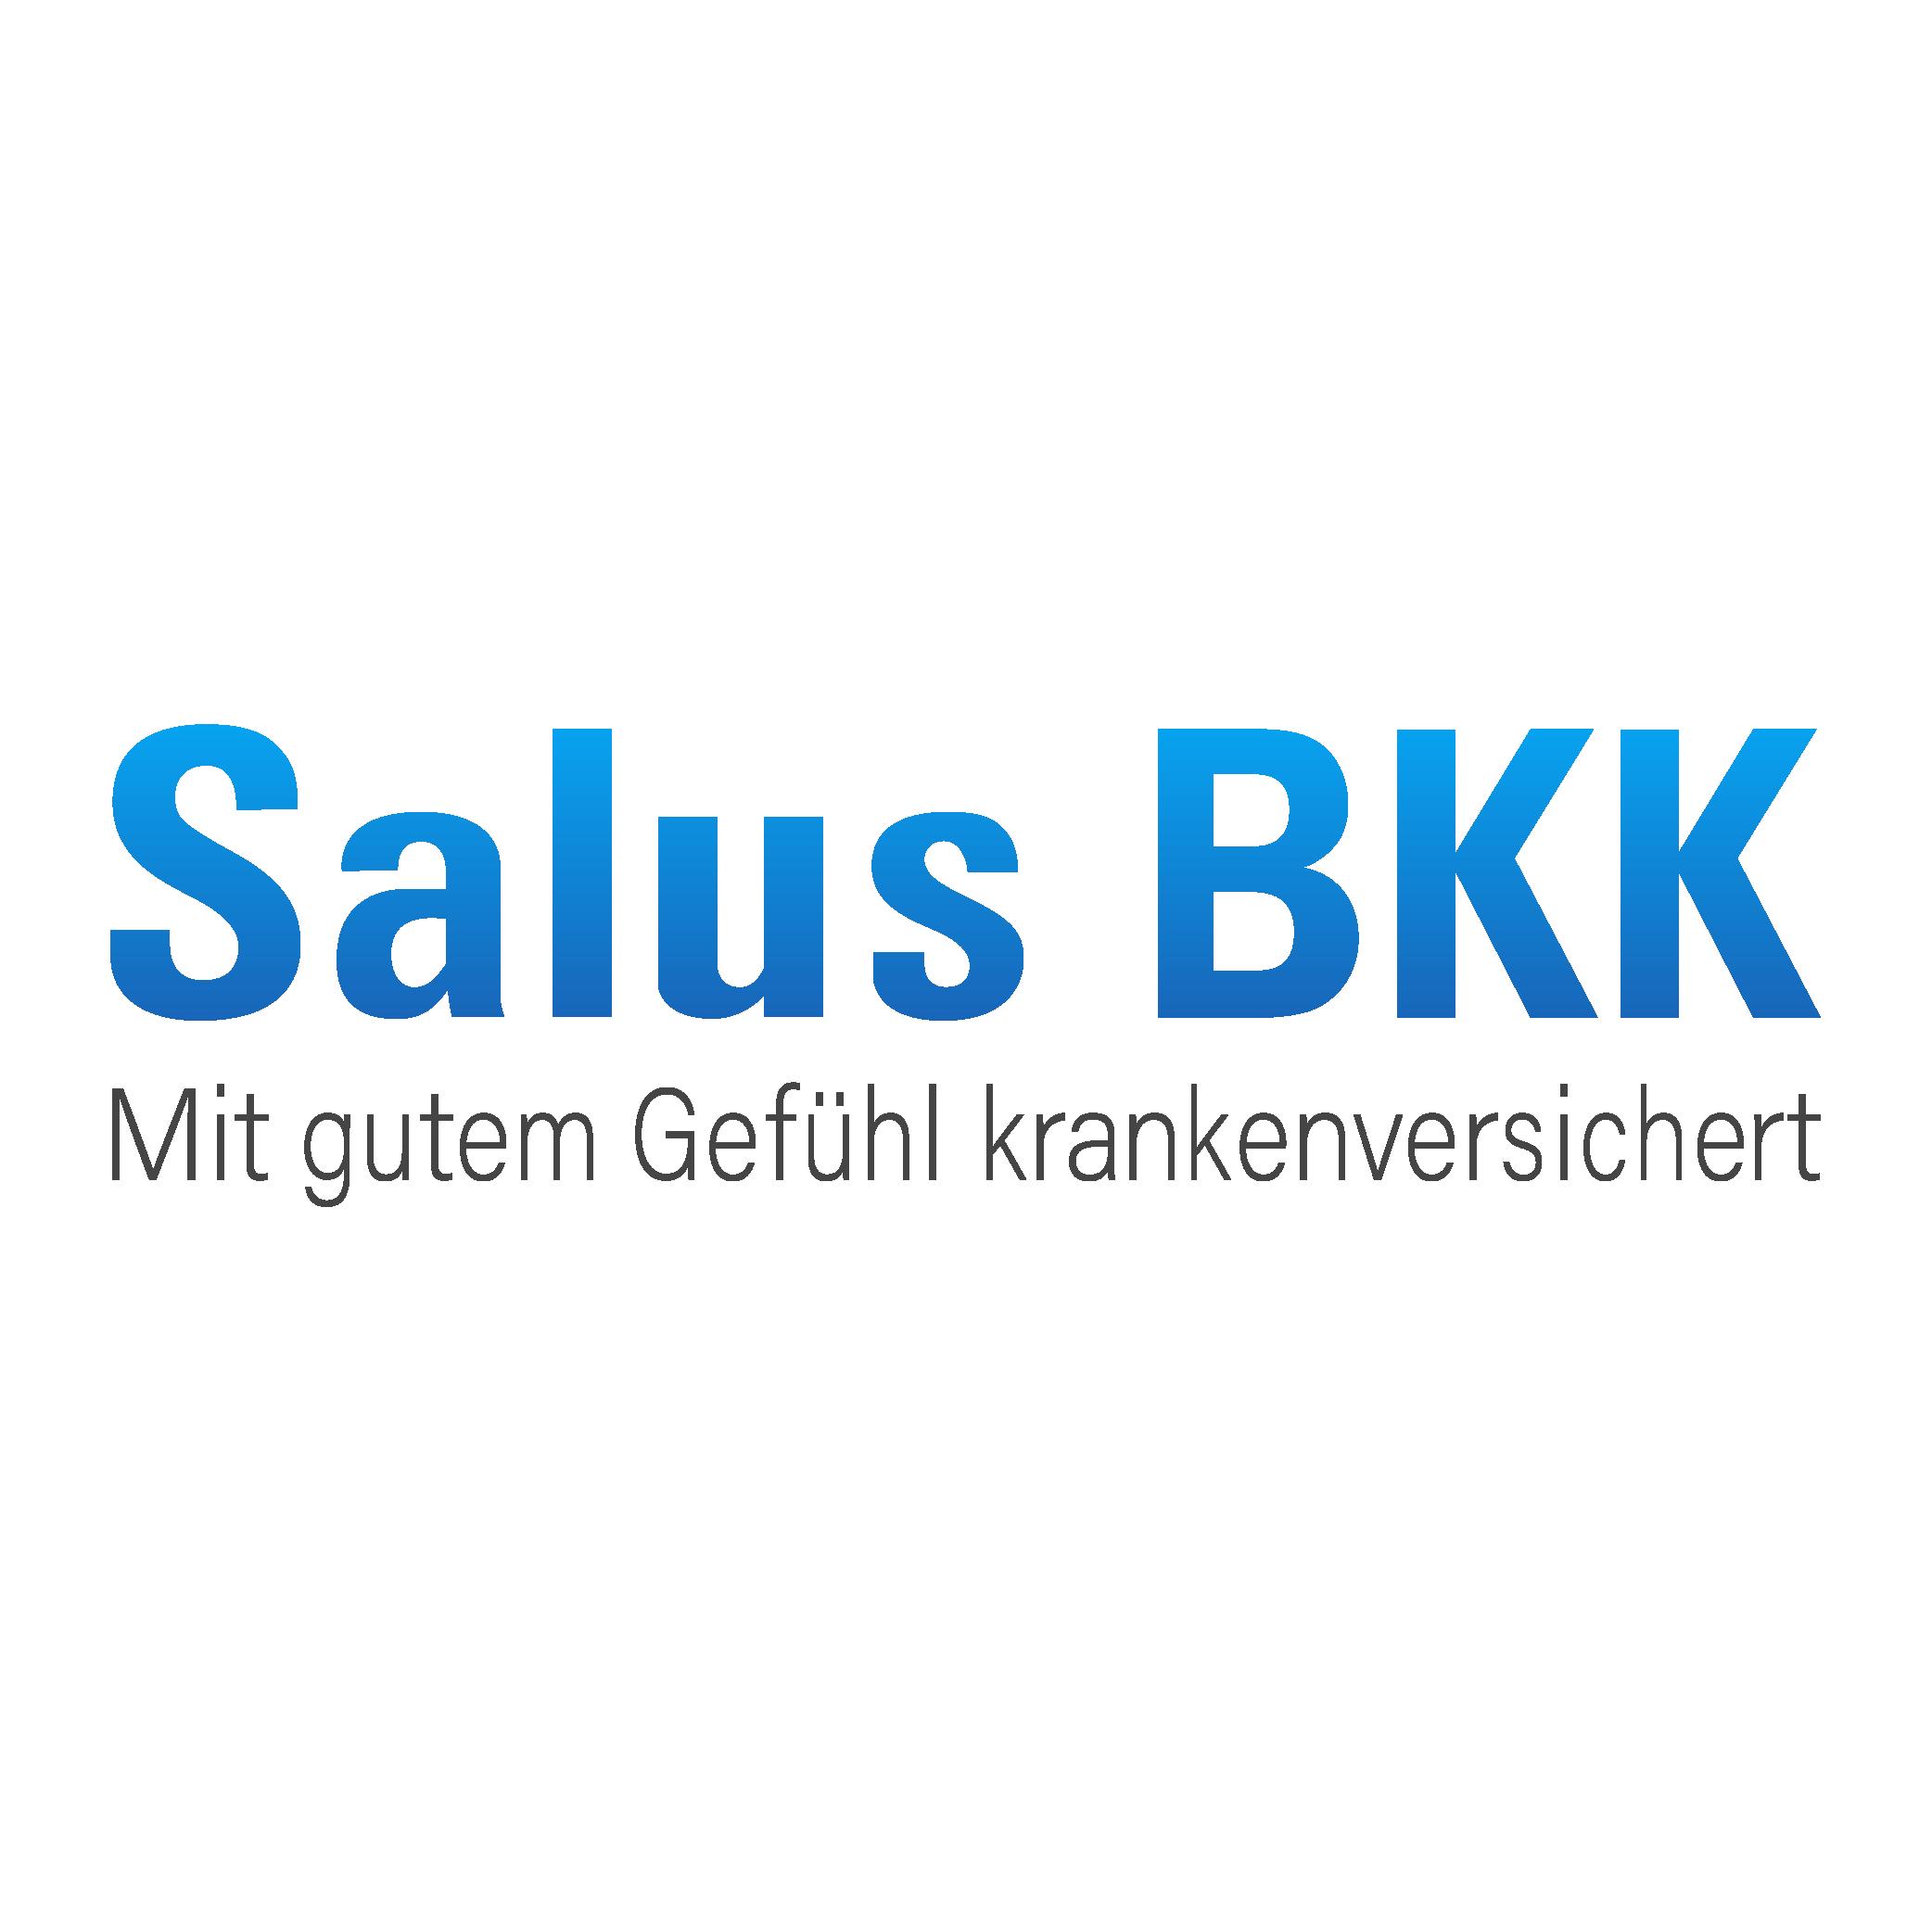 Markenzeichen der Salus BKK